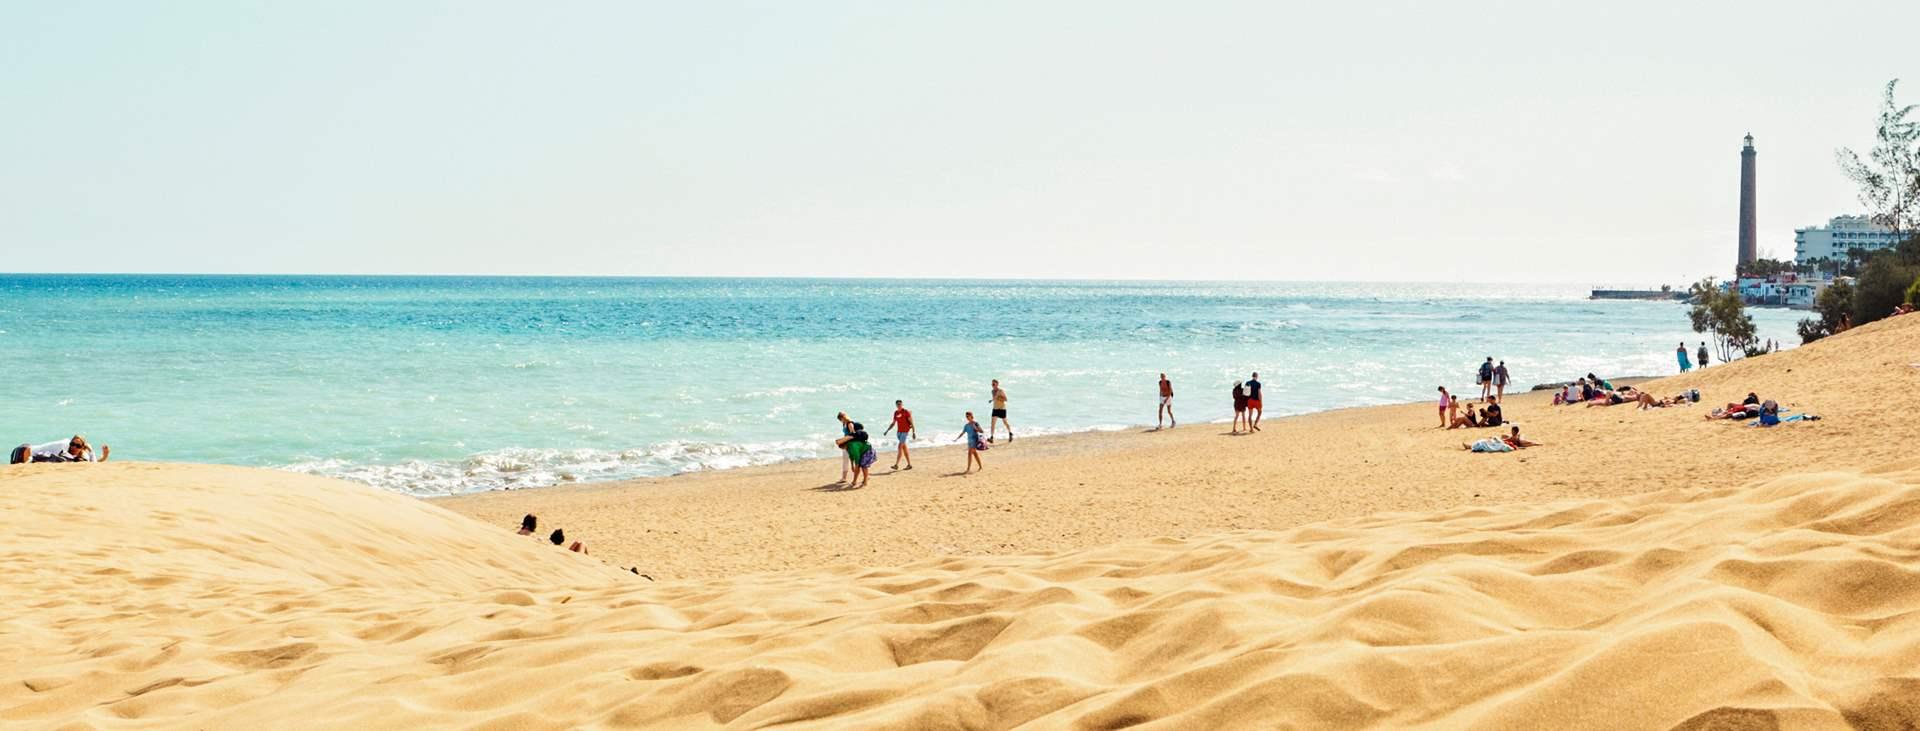 Bestill en reise til Costa Meloneras på Gran Canaria med Ving